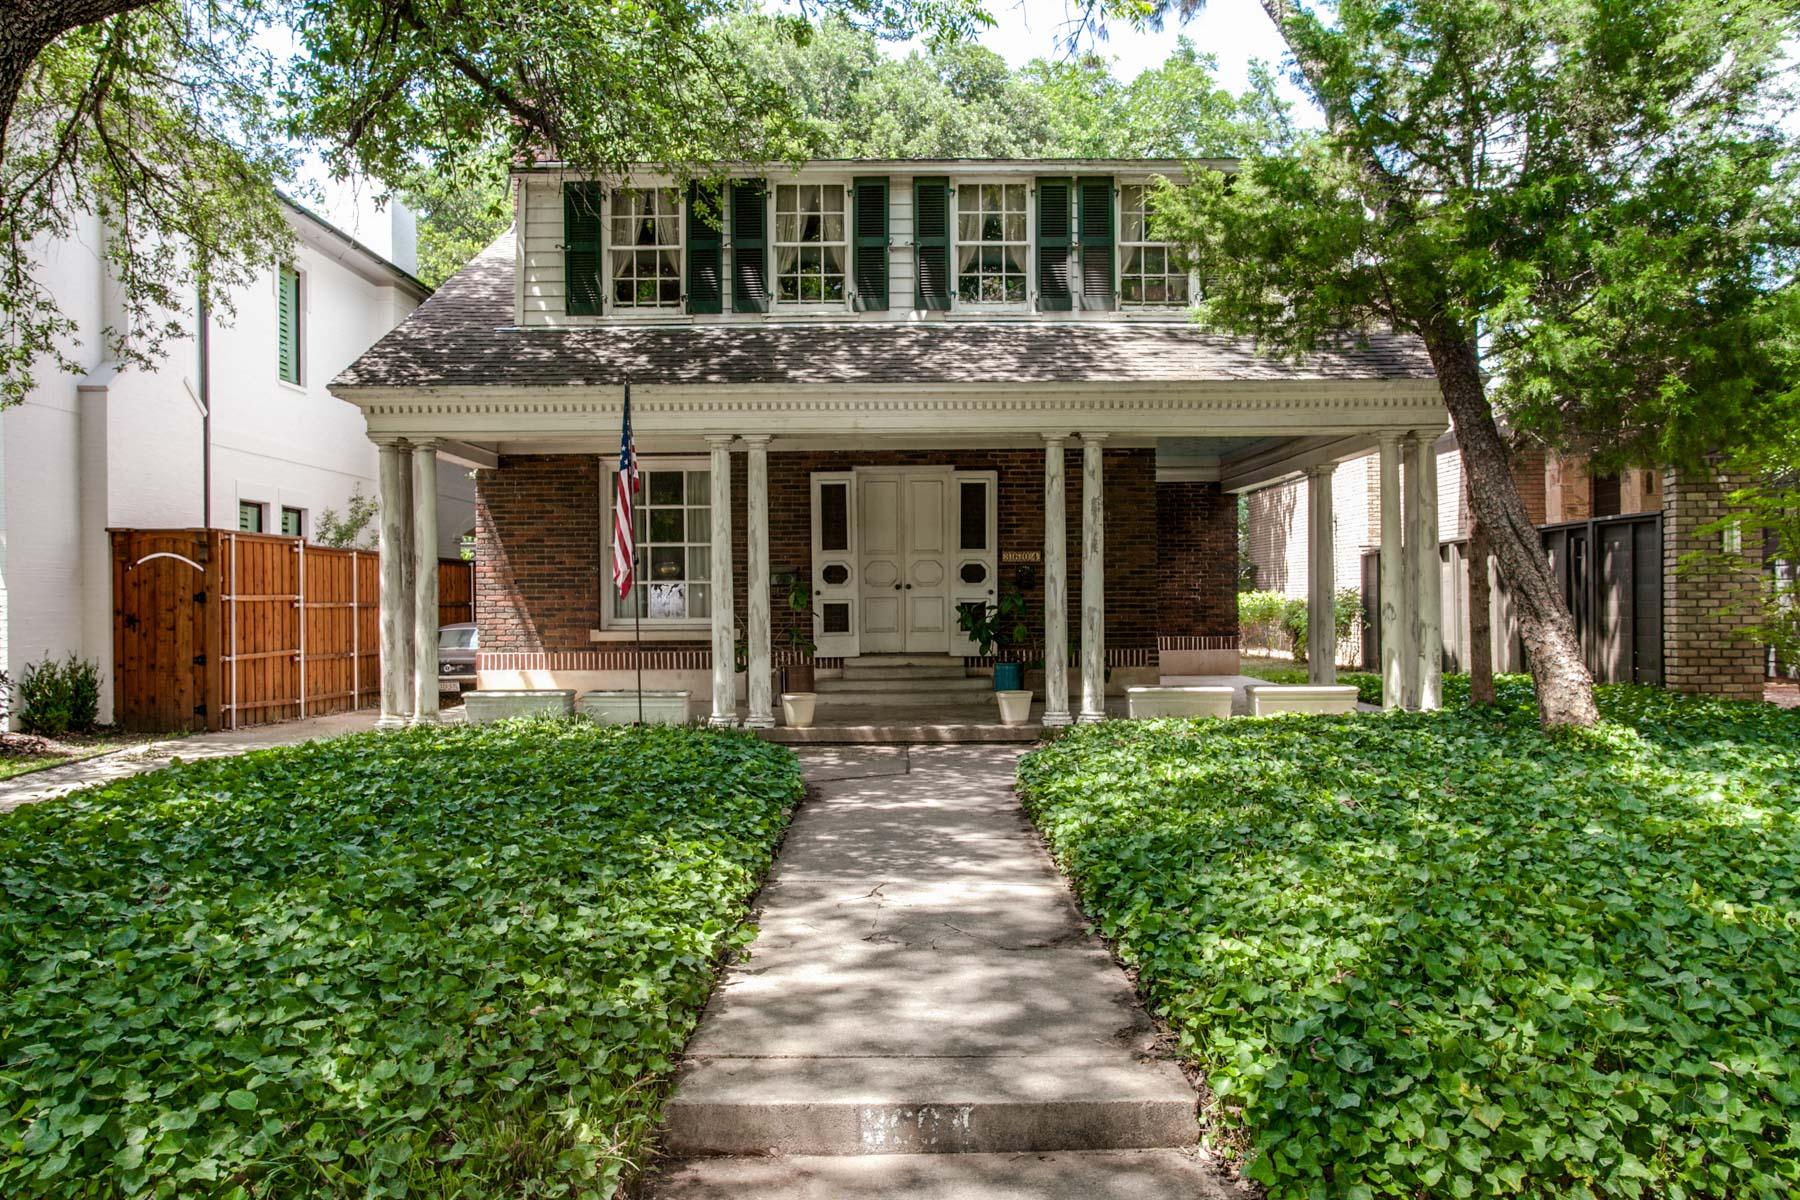 独户住宅 为 销售 在 Great Location for Redo or Lot 3604 Harvard Avenue 达拉斯, 得克萨斯州, 75205 美国